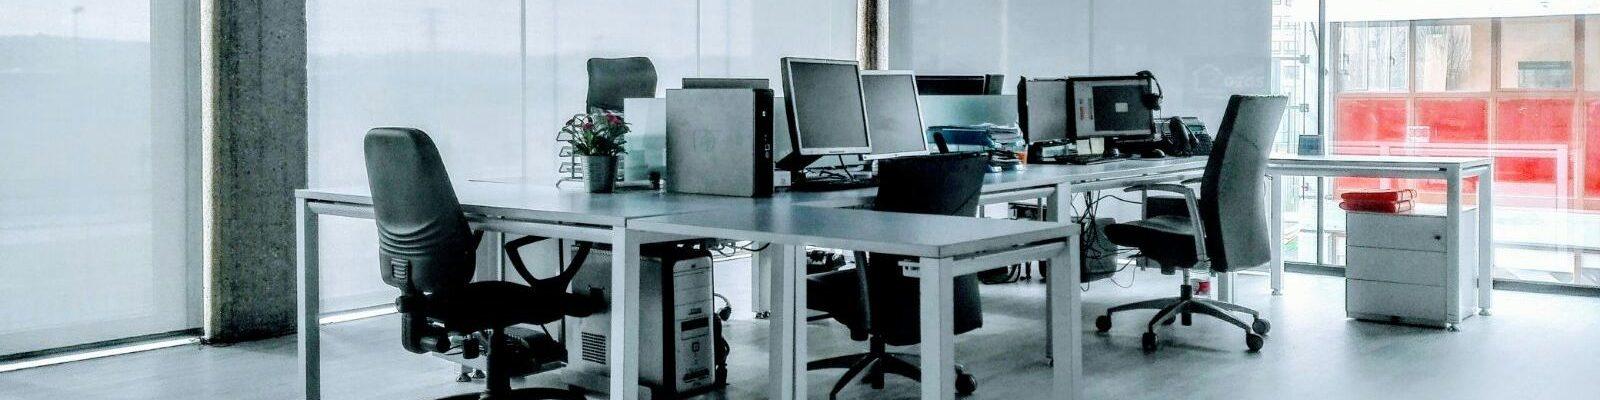 Oficinas SANcotec